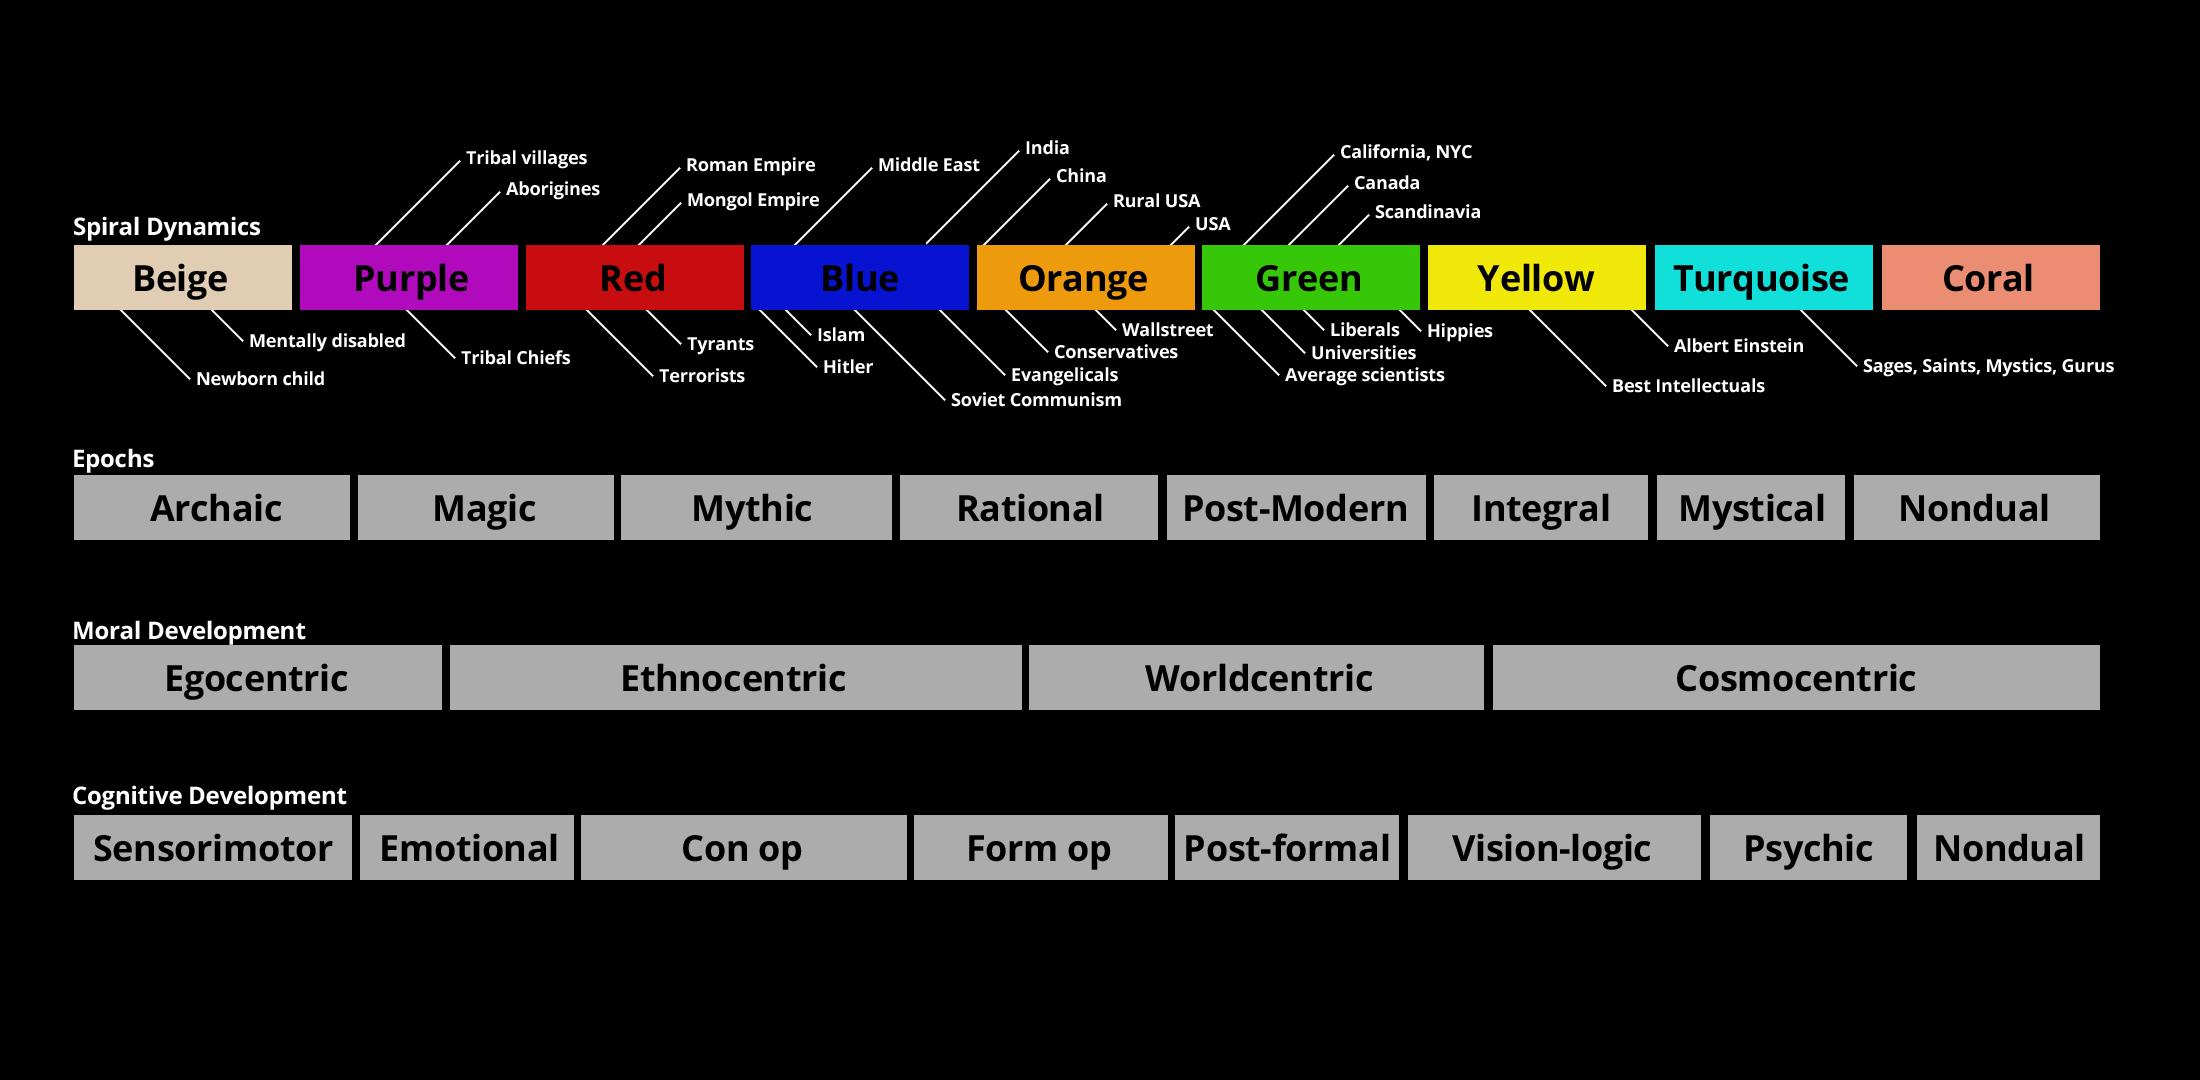 spiral-dynamics-chart-01